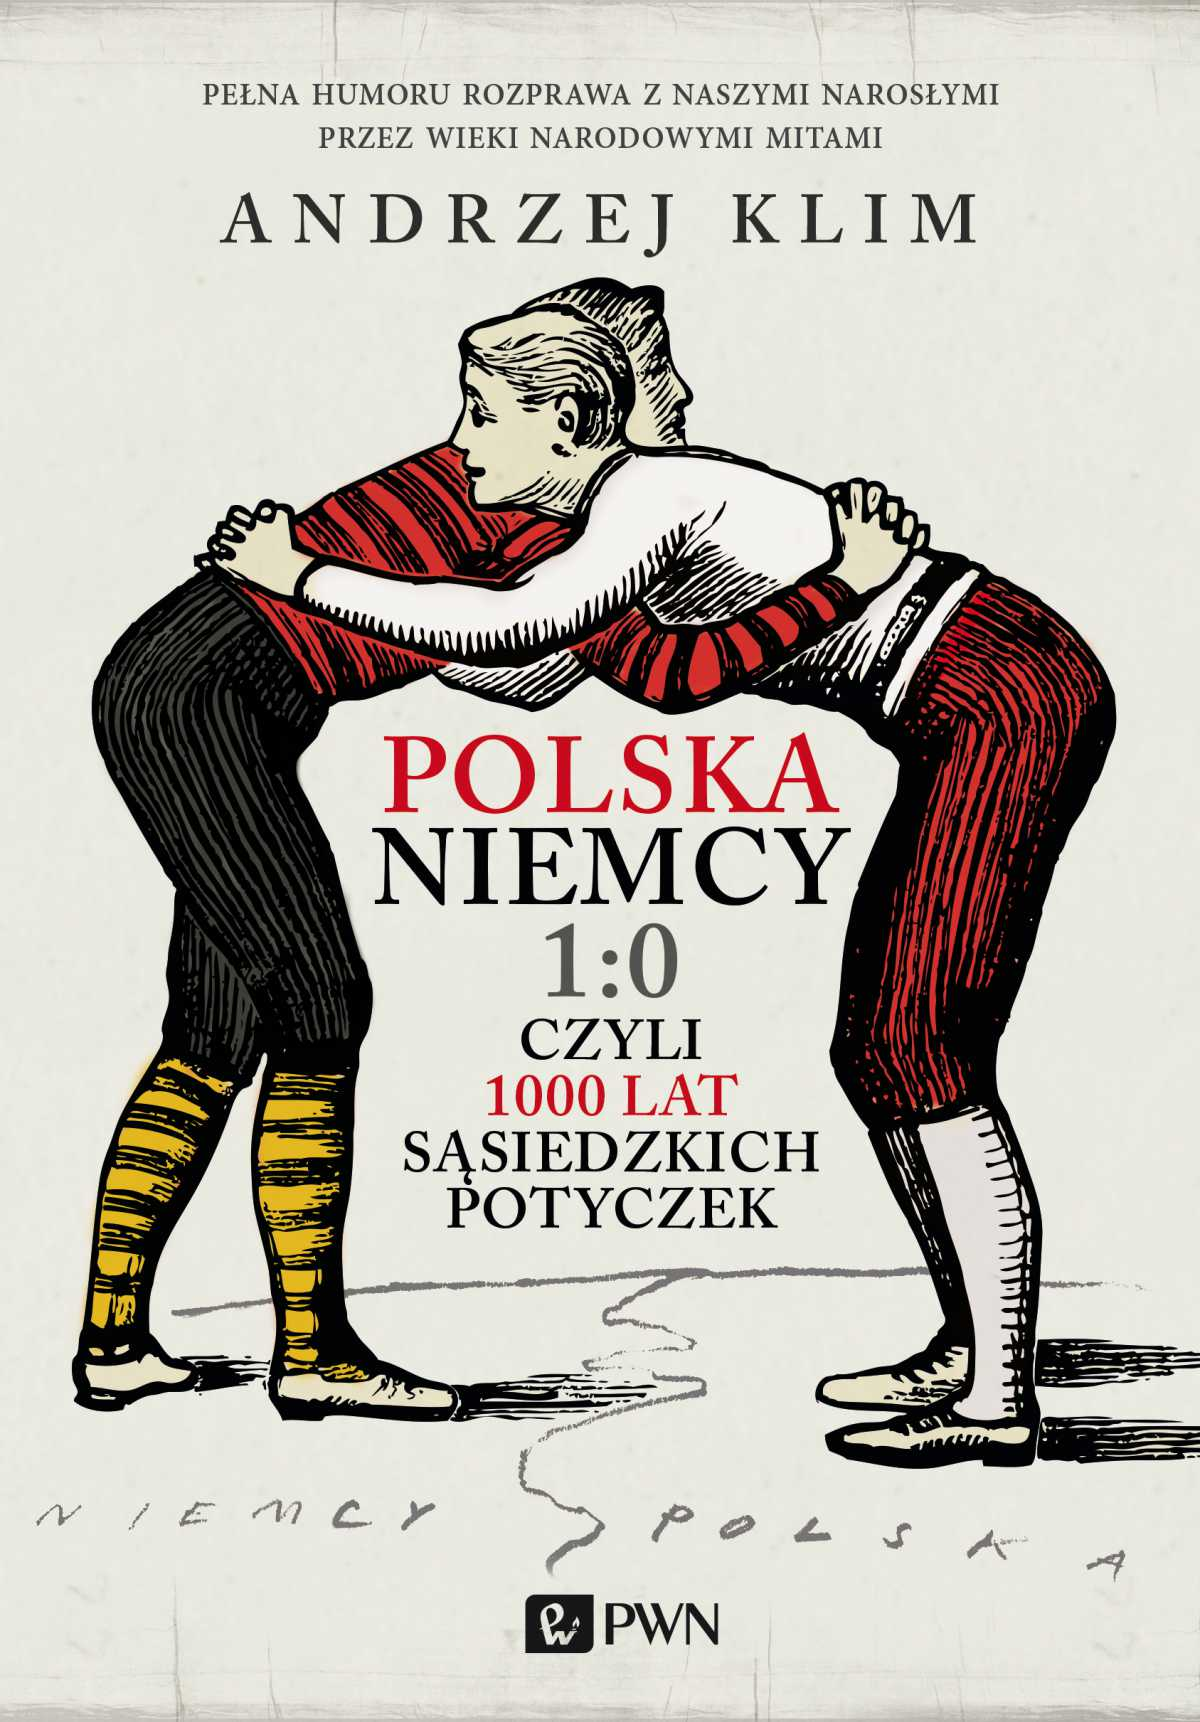 Polska-Niemcy 1:0, czyli 1000 lat sąsiedzkich potyczek - Ebook (Książka EPUB) do pobrania w formacie EPUB